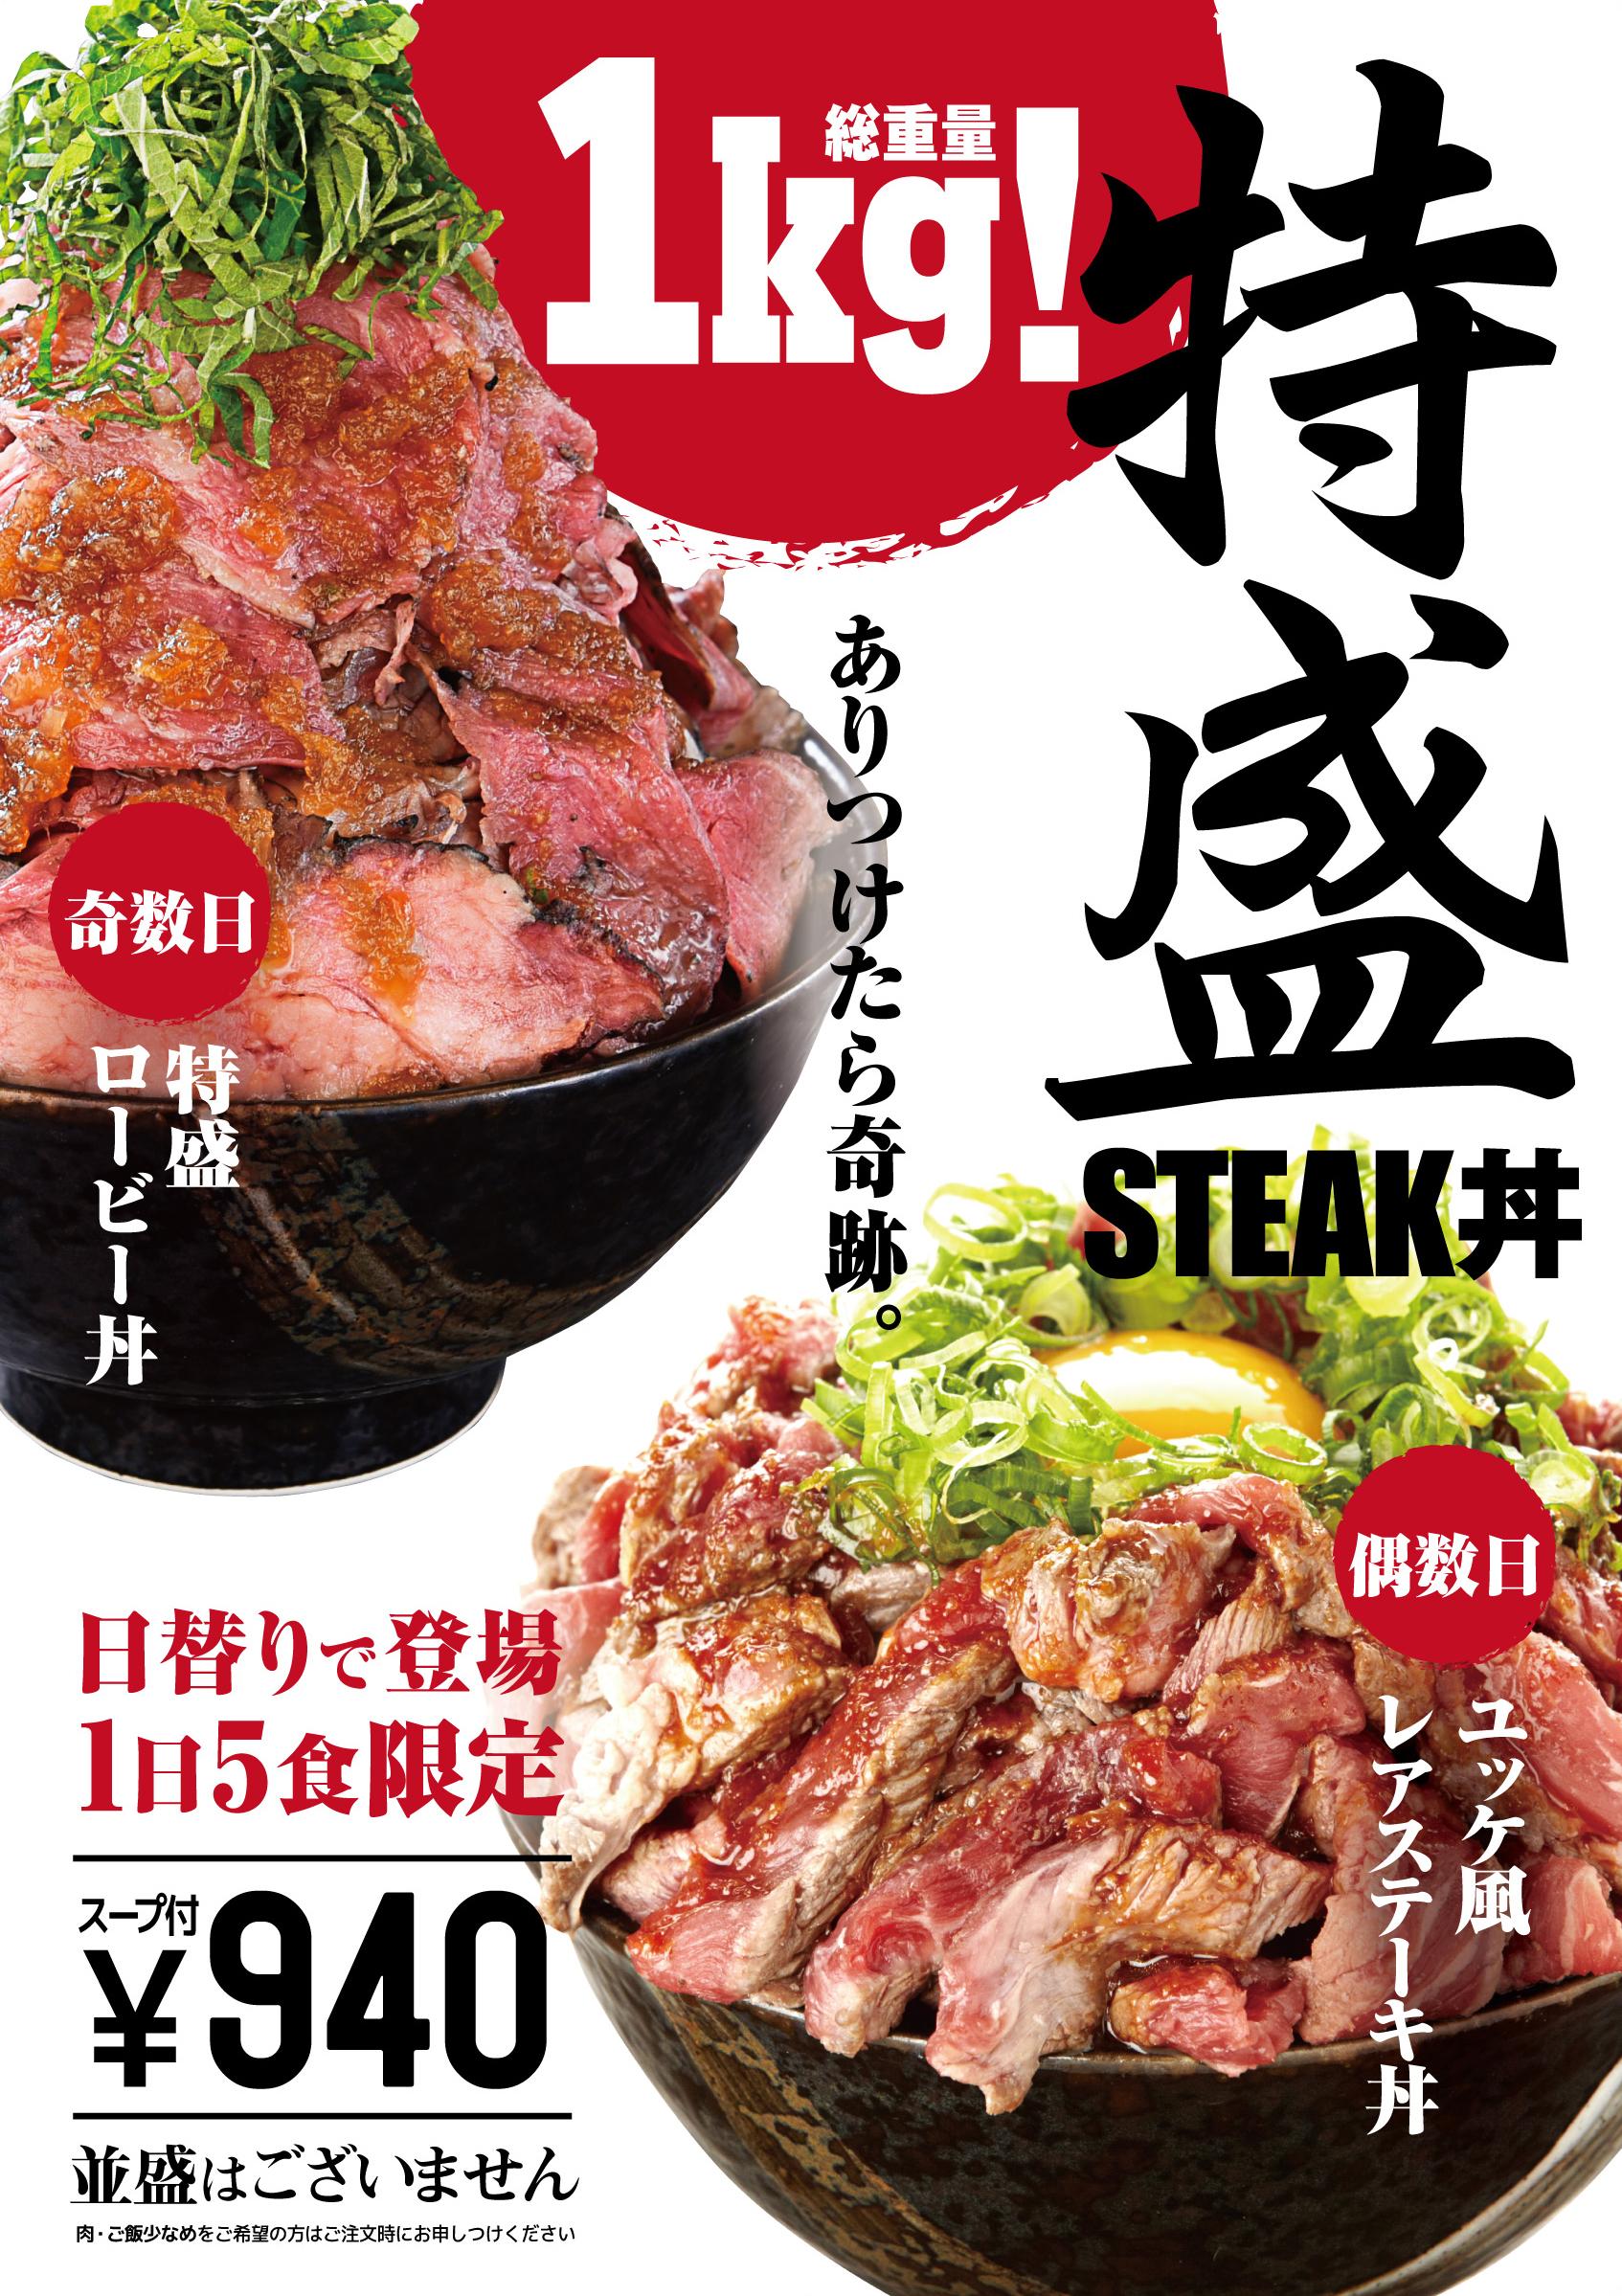 特盛ロービー丼